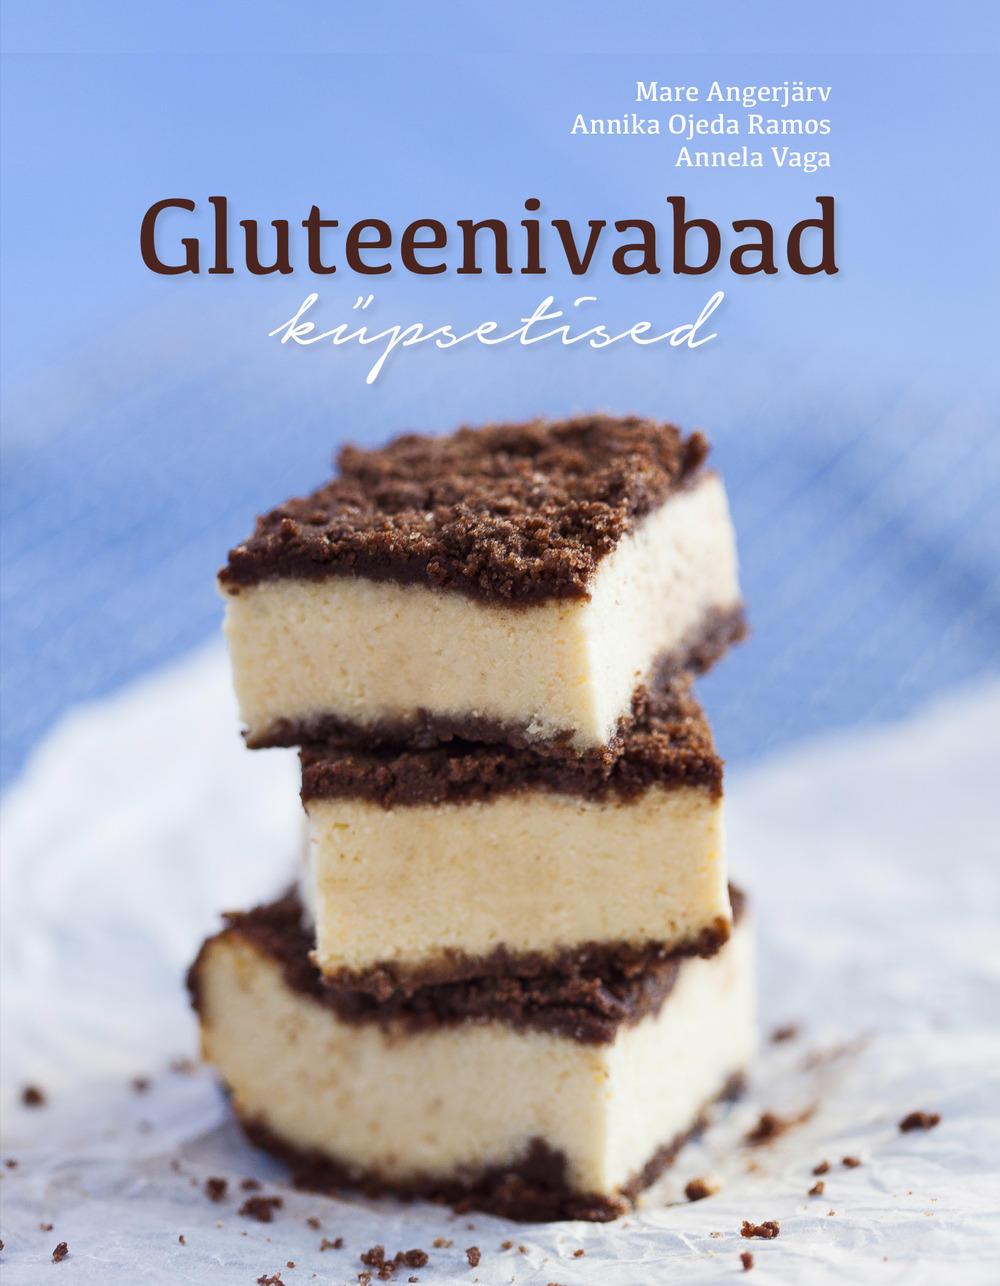 93b8f49ea36 Kiisukeauh: Gluteenivabade jahusegude retseptid. Gluteenivabade ...